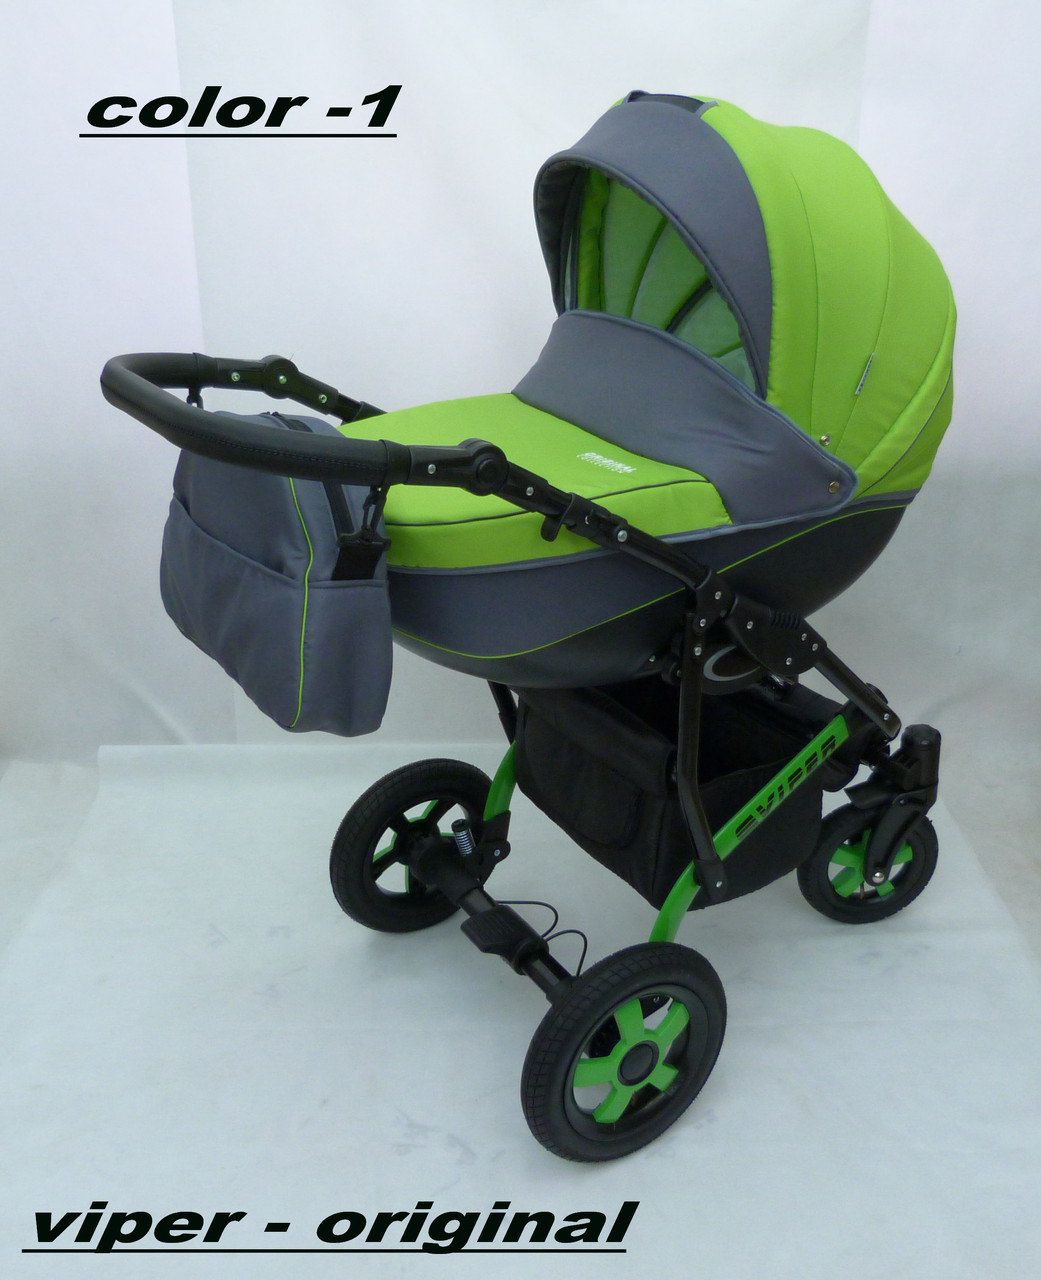 Коляска Вайпер  (Viper) 2 в 1. Color 1. Лучшая универсальная коляска